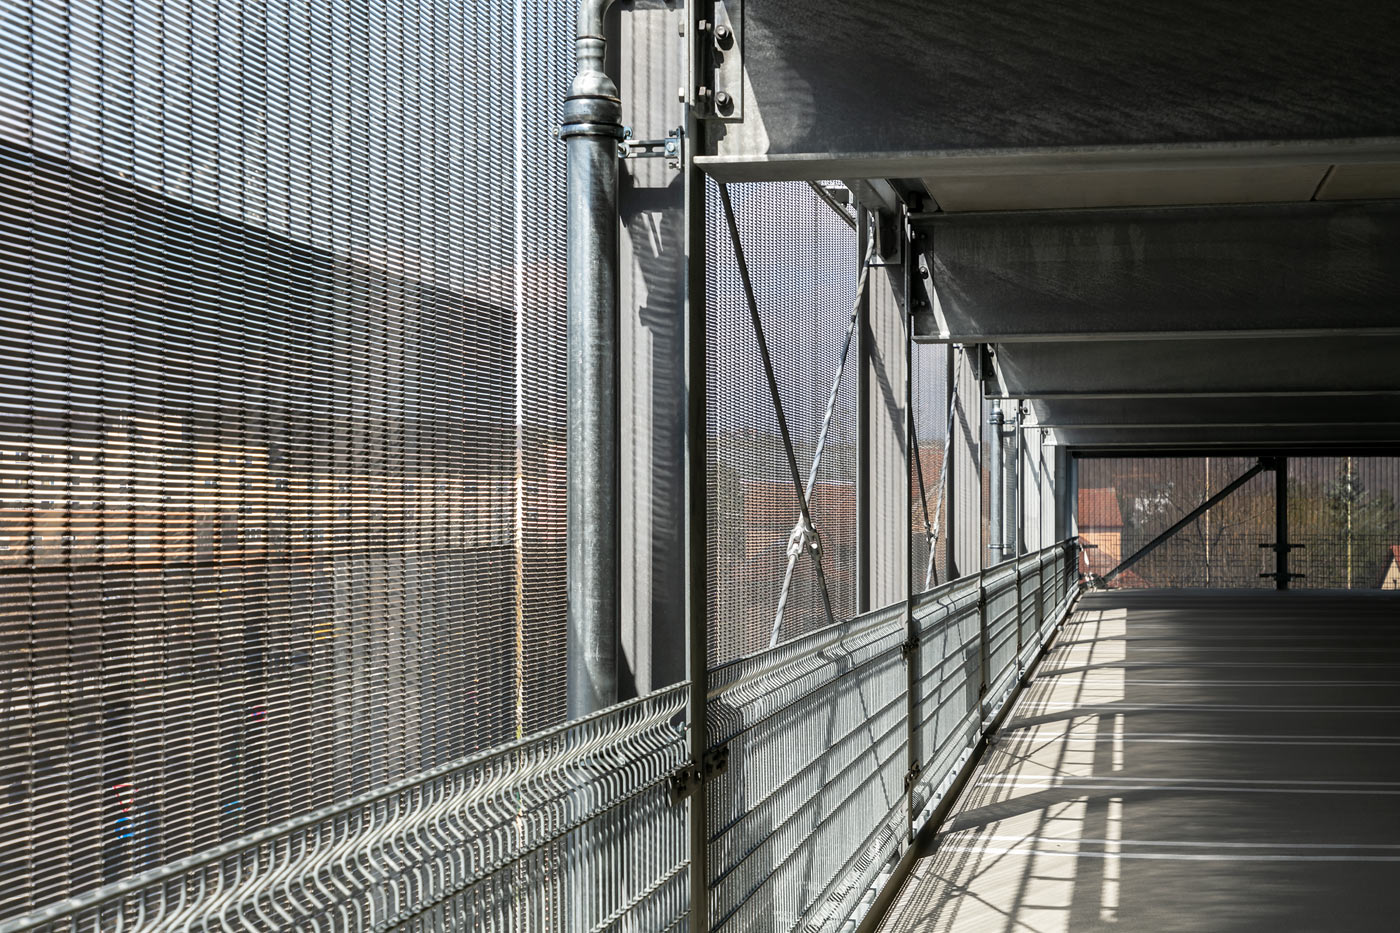 Architekturgewebe als Fassade von einem Parkhaus